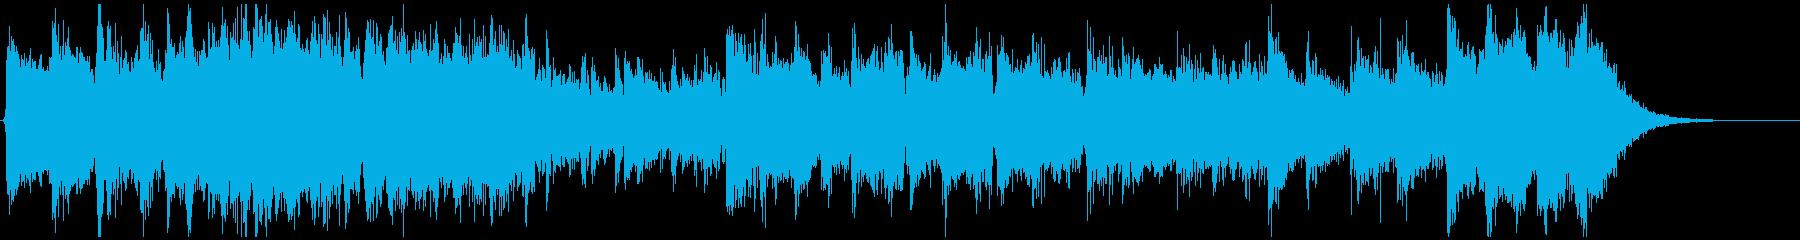 怪盗系ハードボイルドジャズのジングルAの再生済みの波形